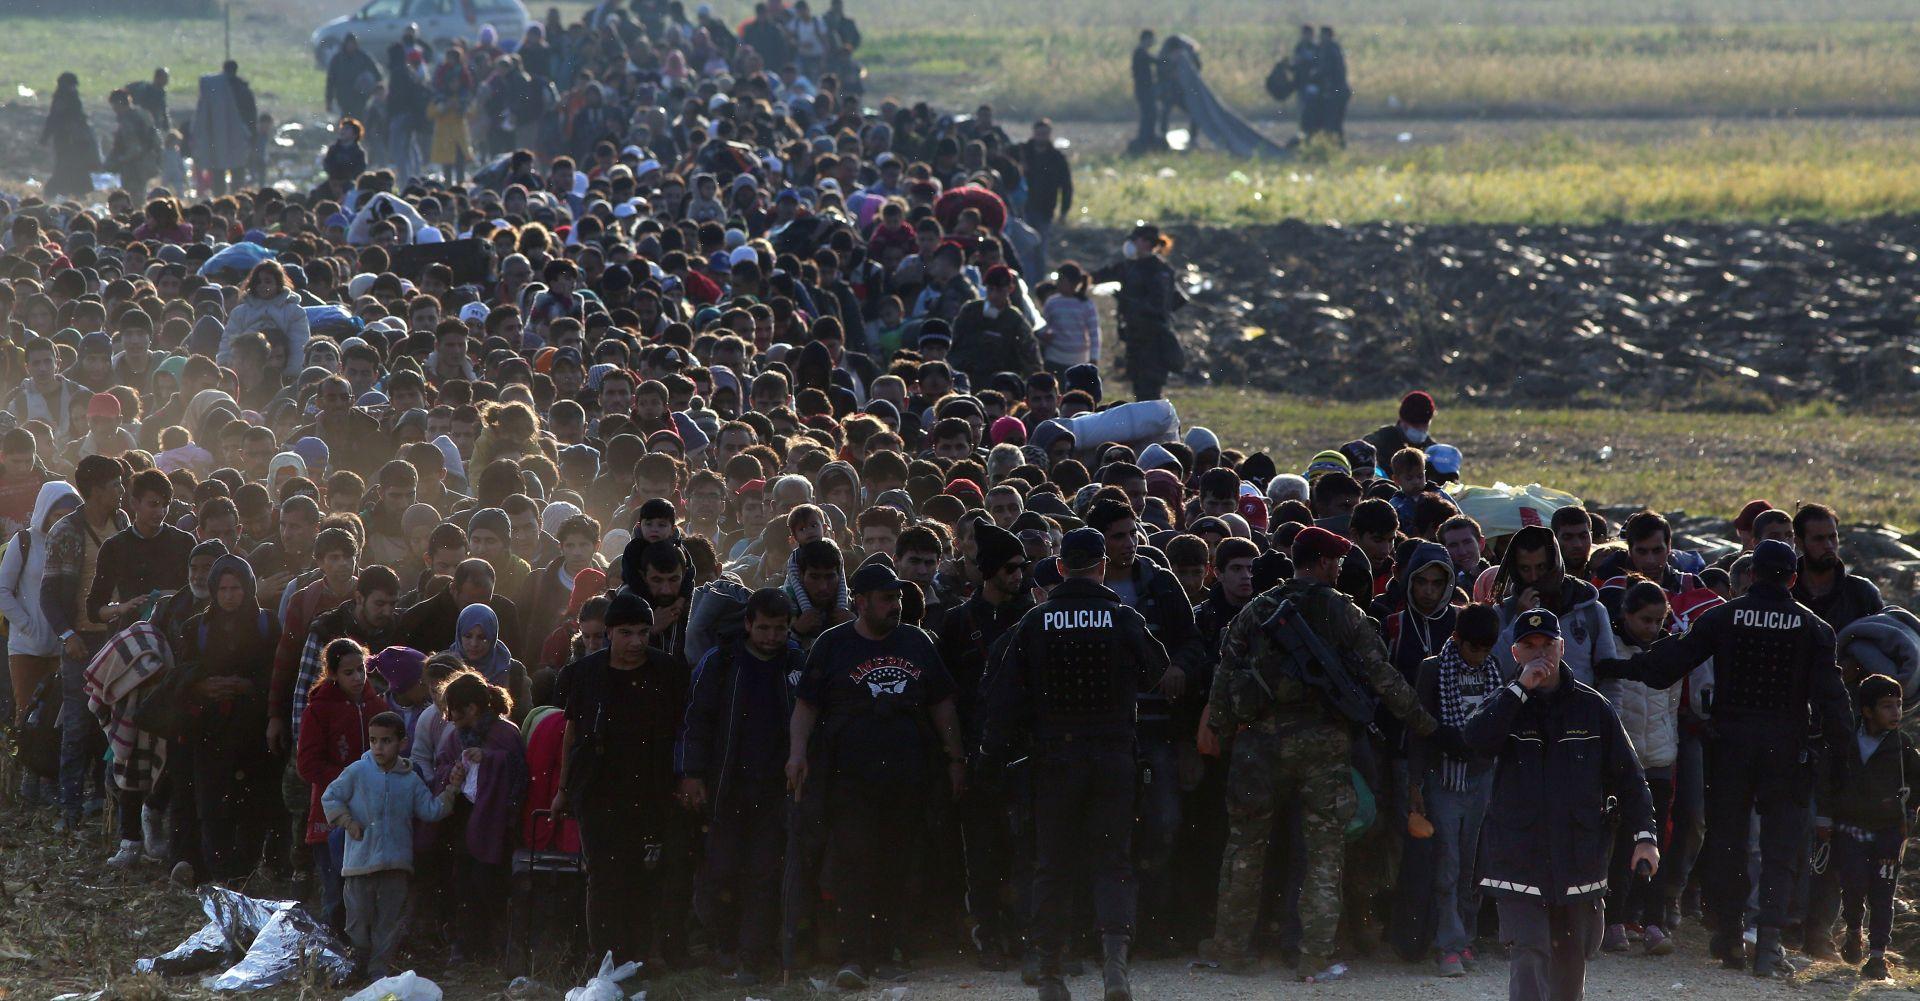 INICIJATIVA DOBRODOŠLI: Traže sigurne zračne, kopnene i morske koridore za izbjeglice